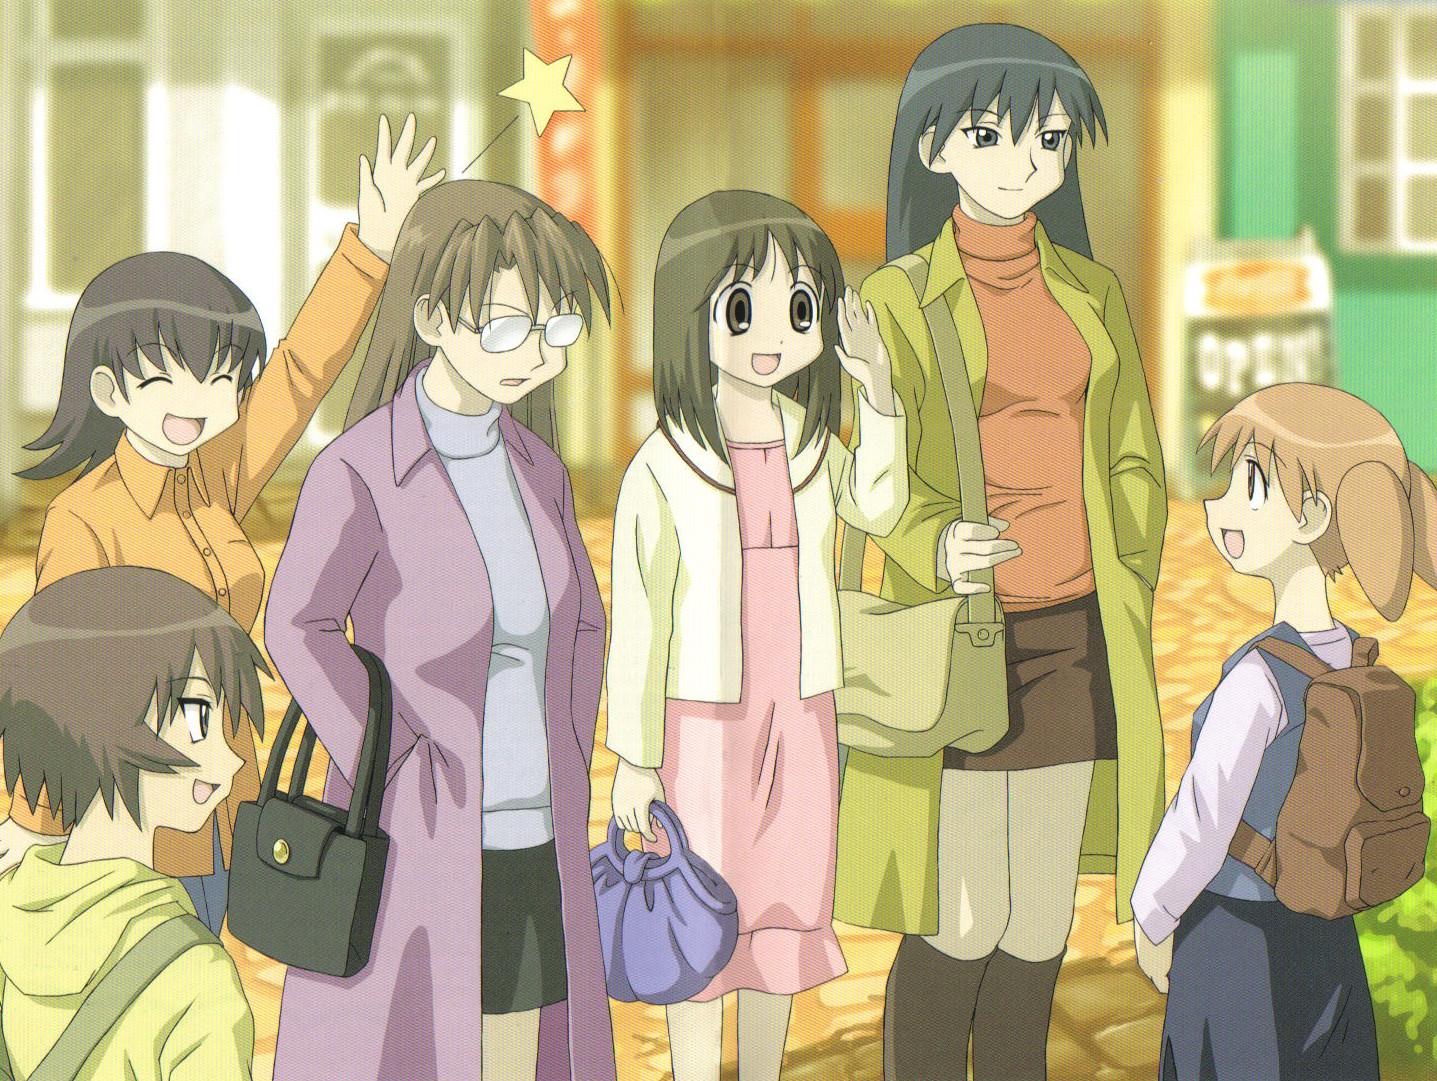 azumanga_daioh group kagura kasuga_ayumu mihama_chiyo mizuhara_koyomi sakaki takino_tomo